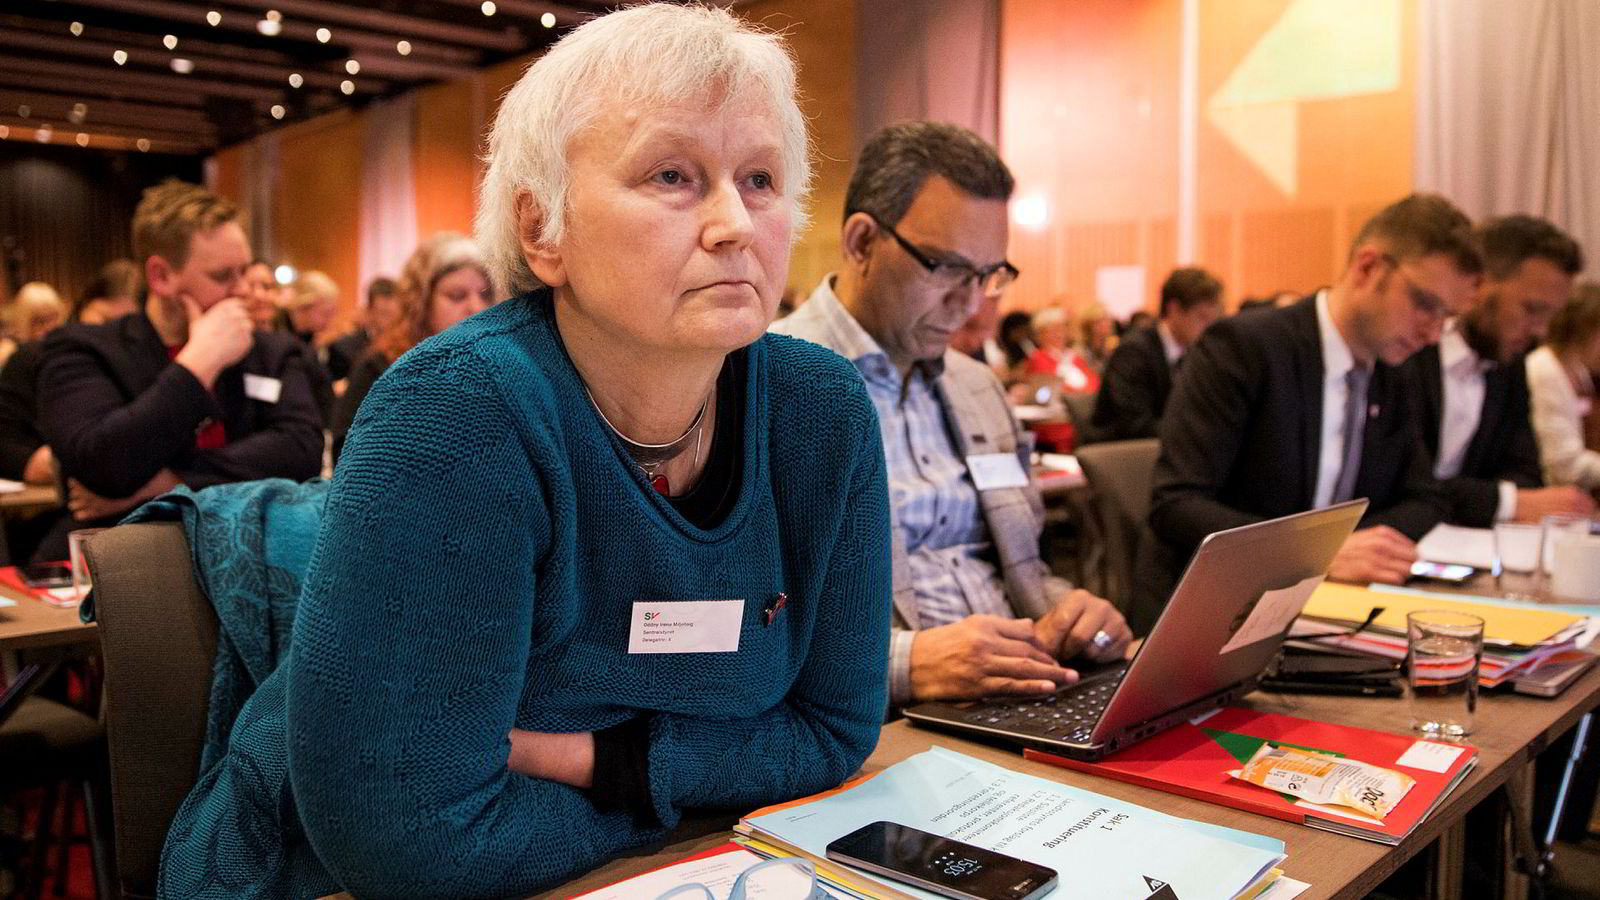 SVs Oddny Irene Miljeteig mener det er på tide at Arbeiderpartiet ser til venstre igjen.